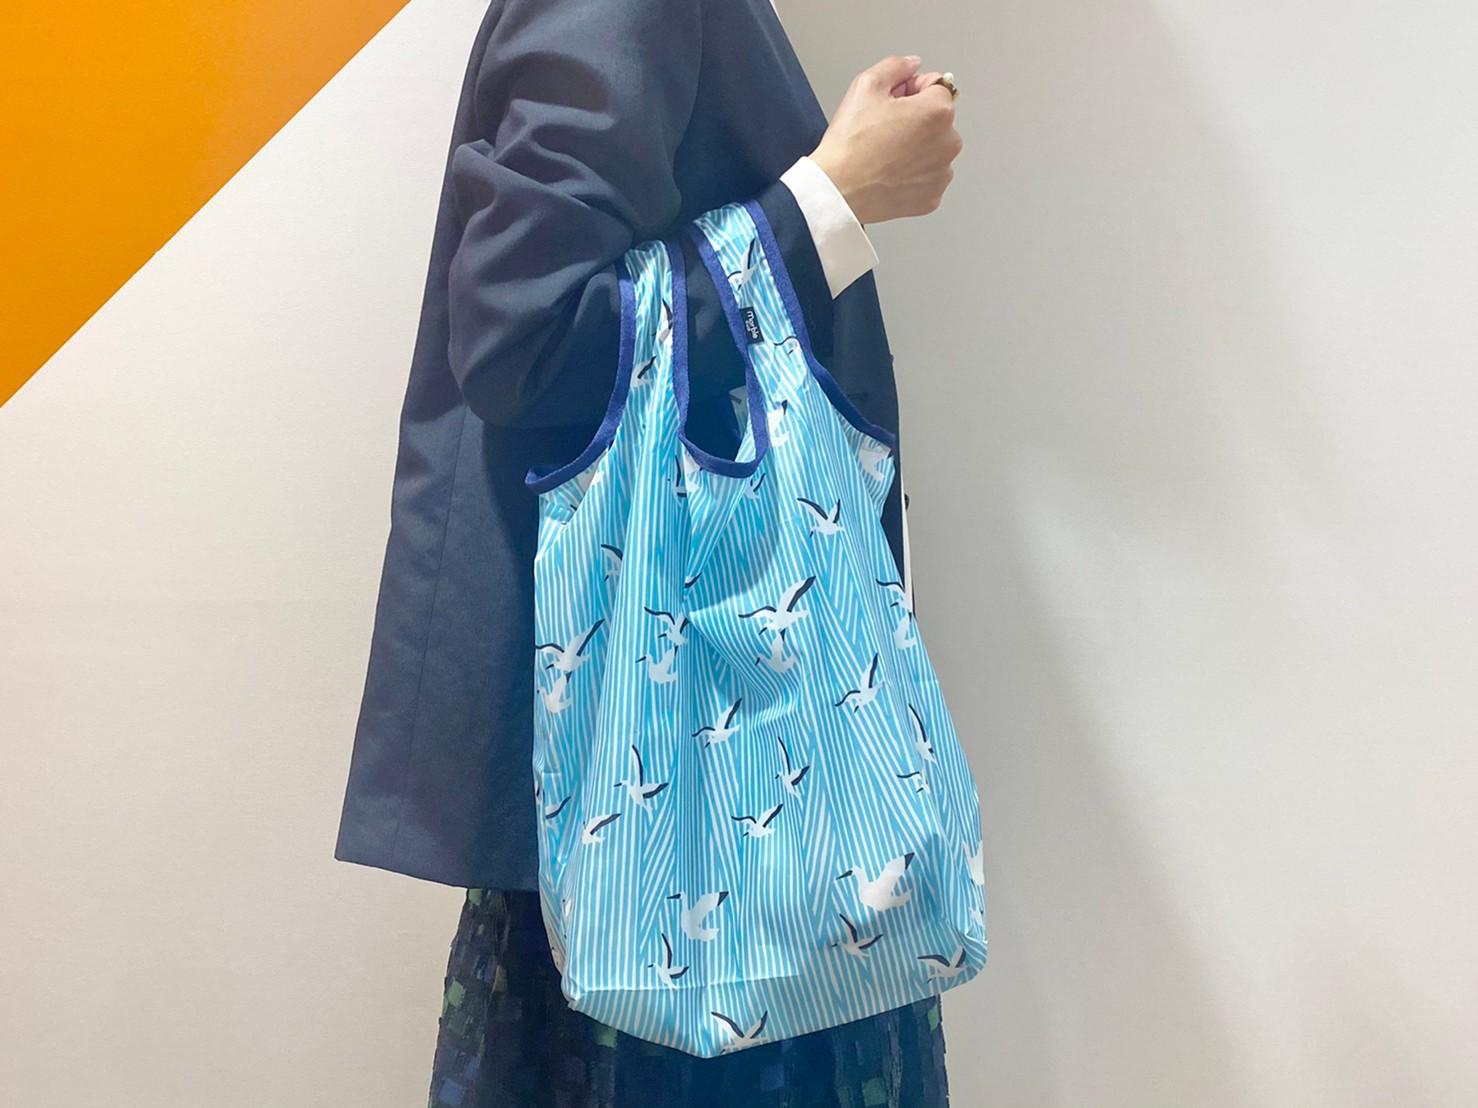 『お買い物バッグ』手に持った画像